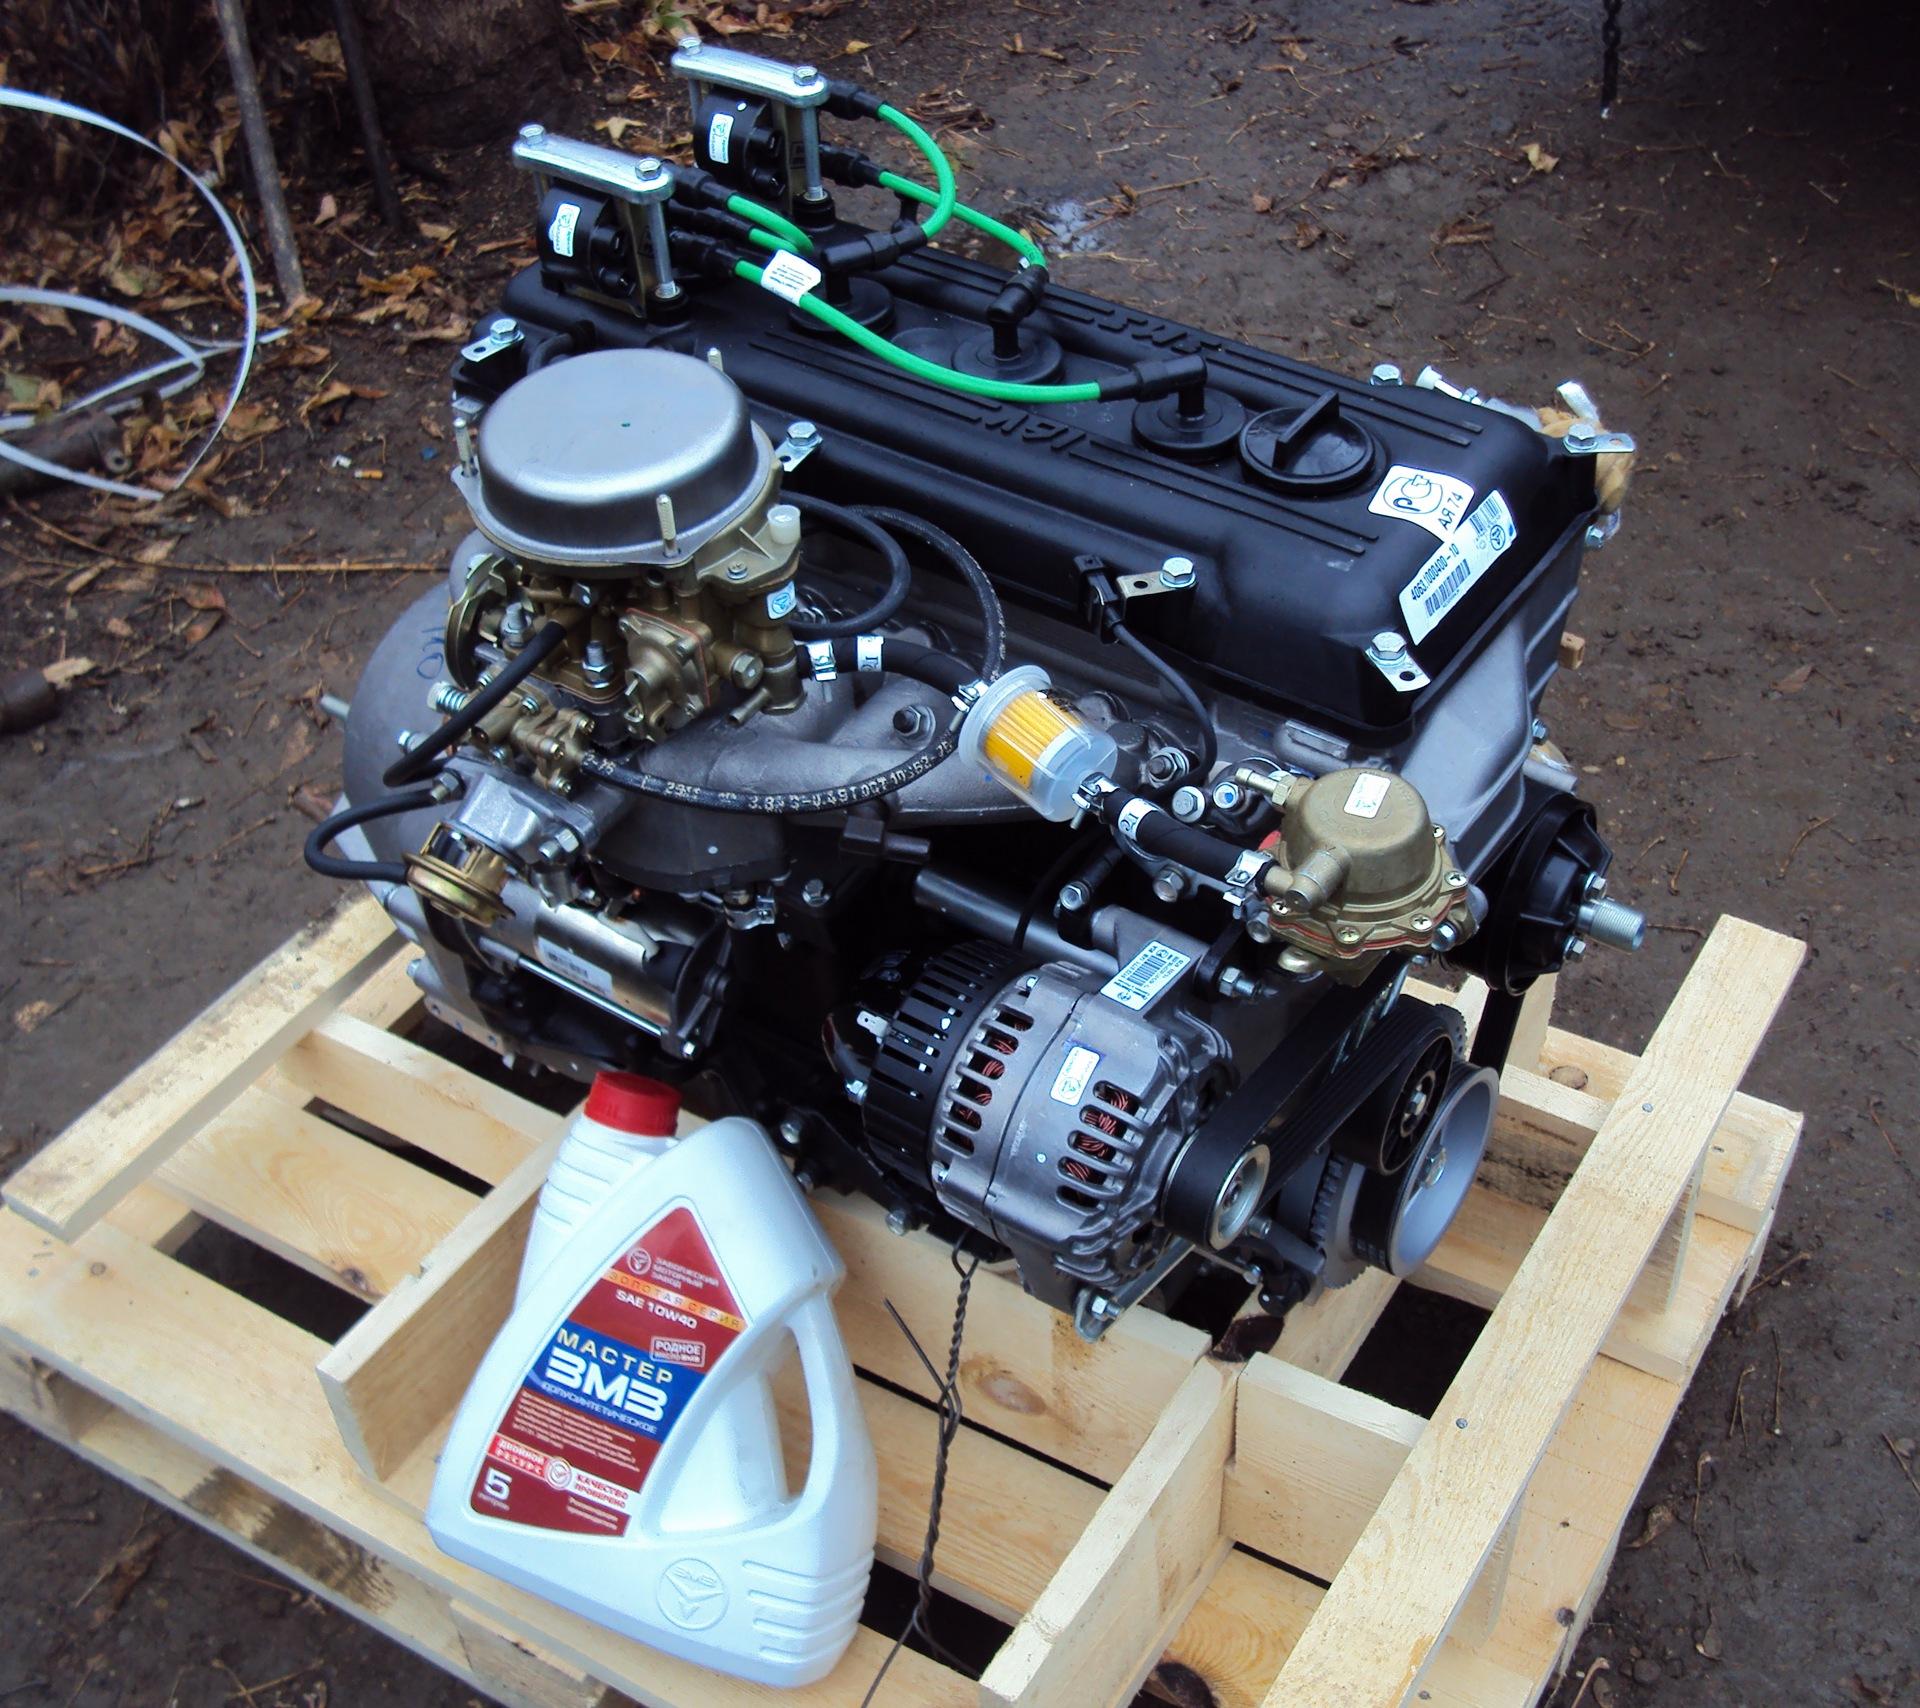 газ 31105 двигатель 406 инжектор инструкция